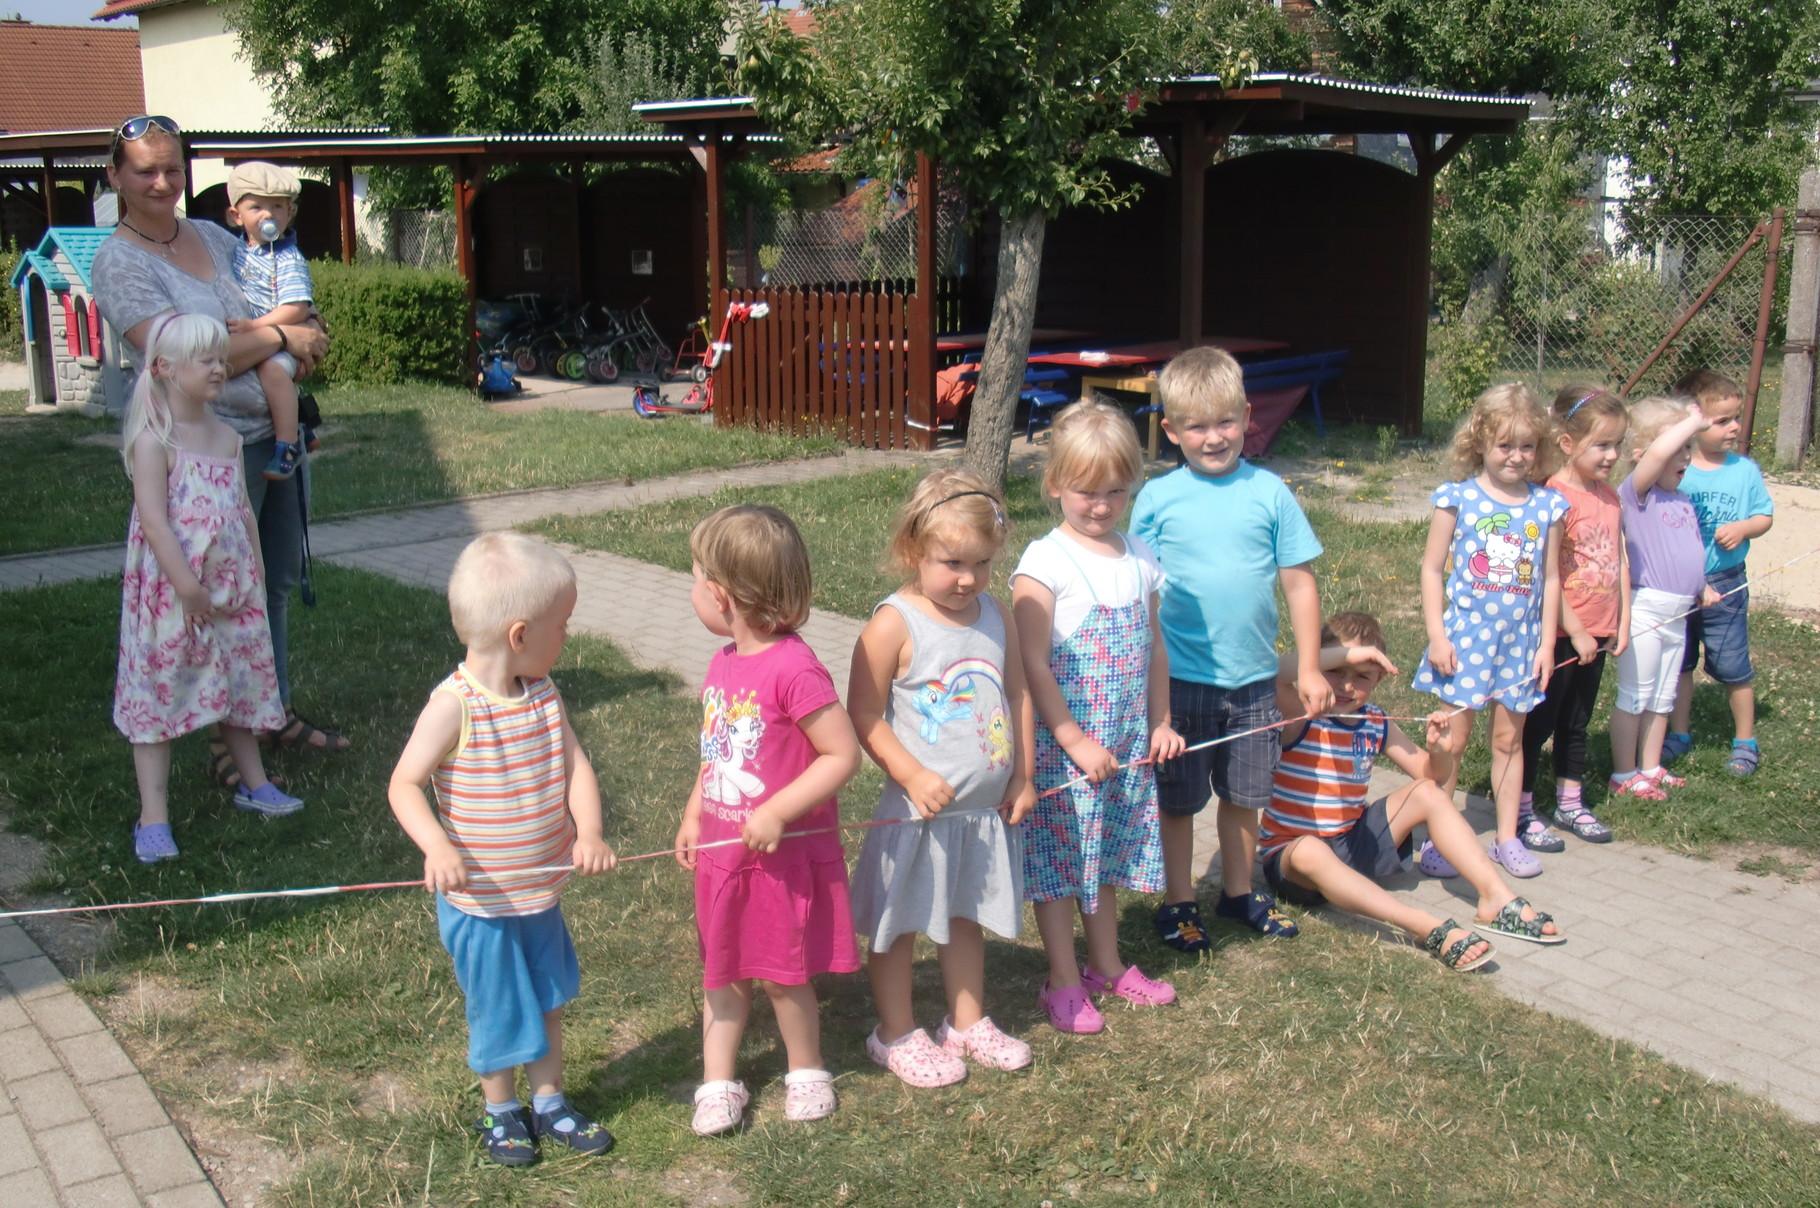 Unter den wachsamen Augen der Kinder findet der Abriss des alten Spielgerätes statt.